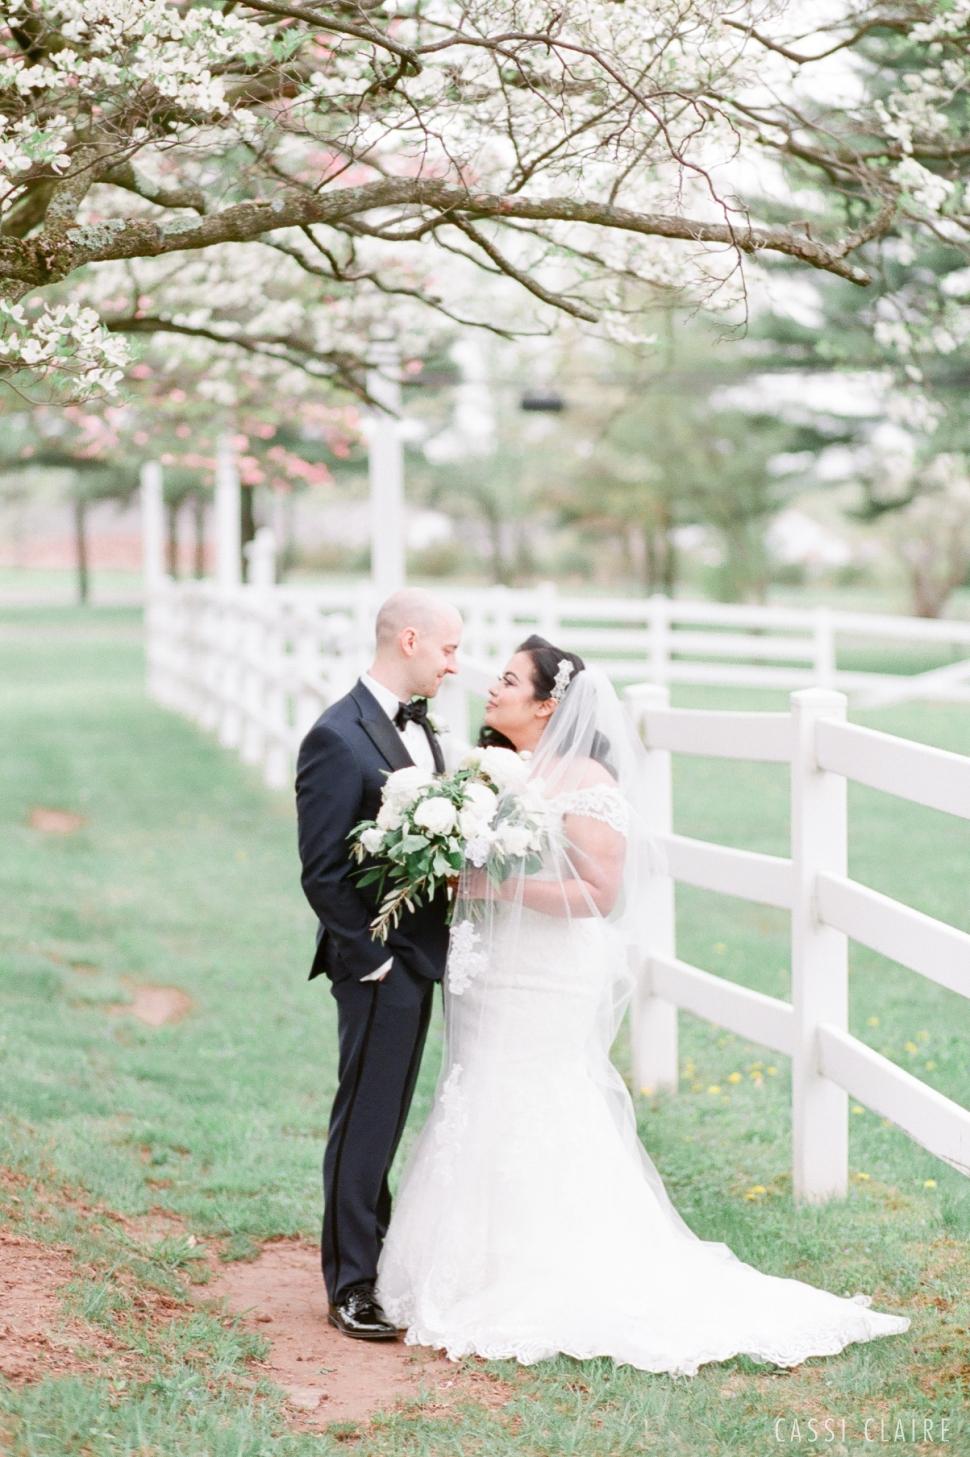 Ryland-Inn-Wedding-NJ_CassiClaire_25.jpg